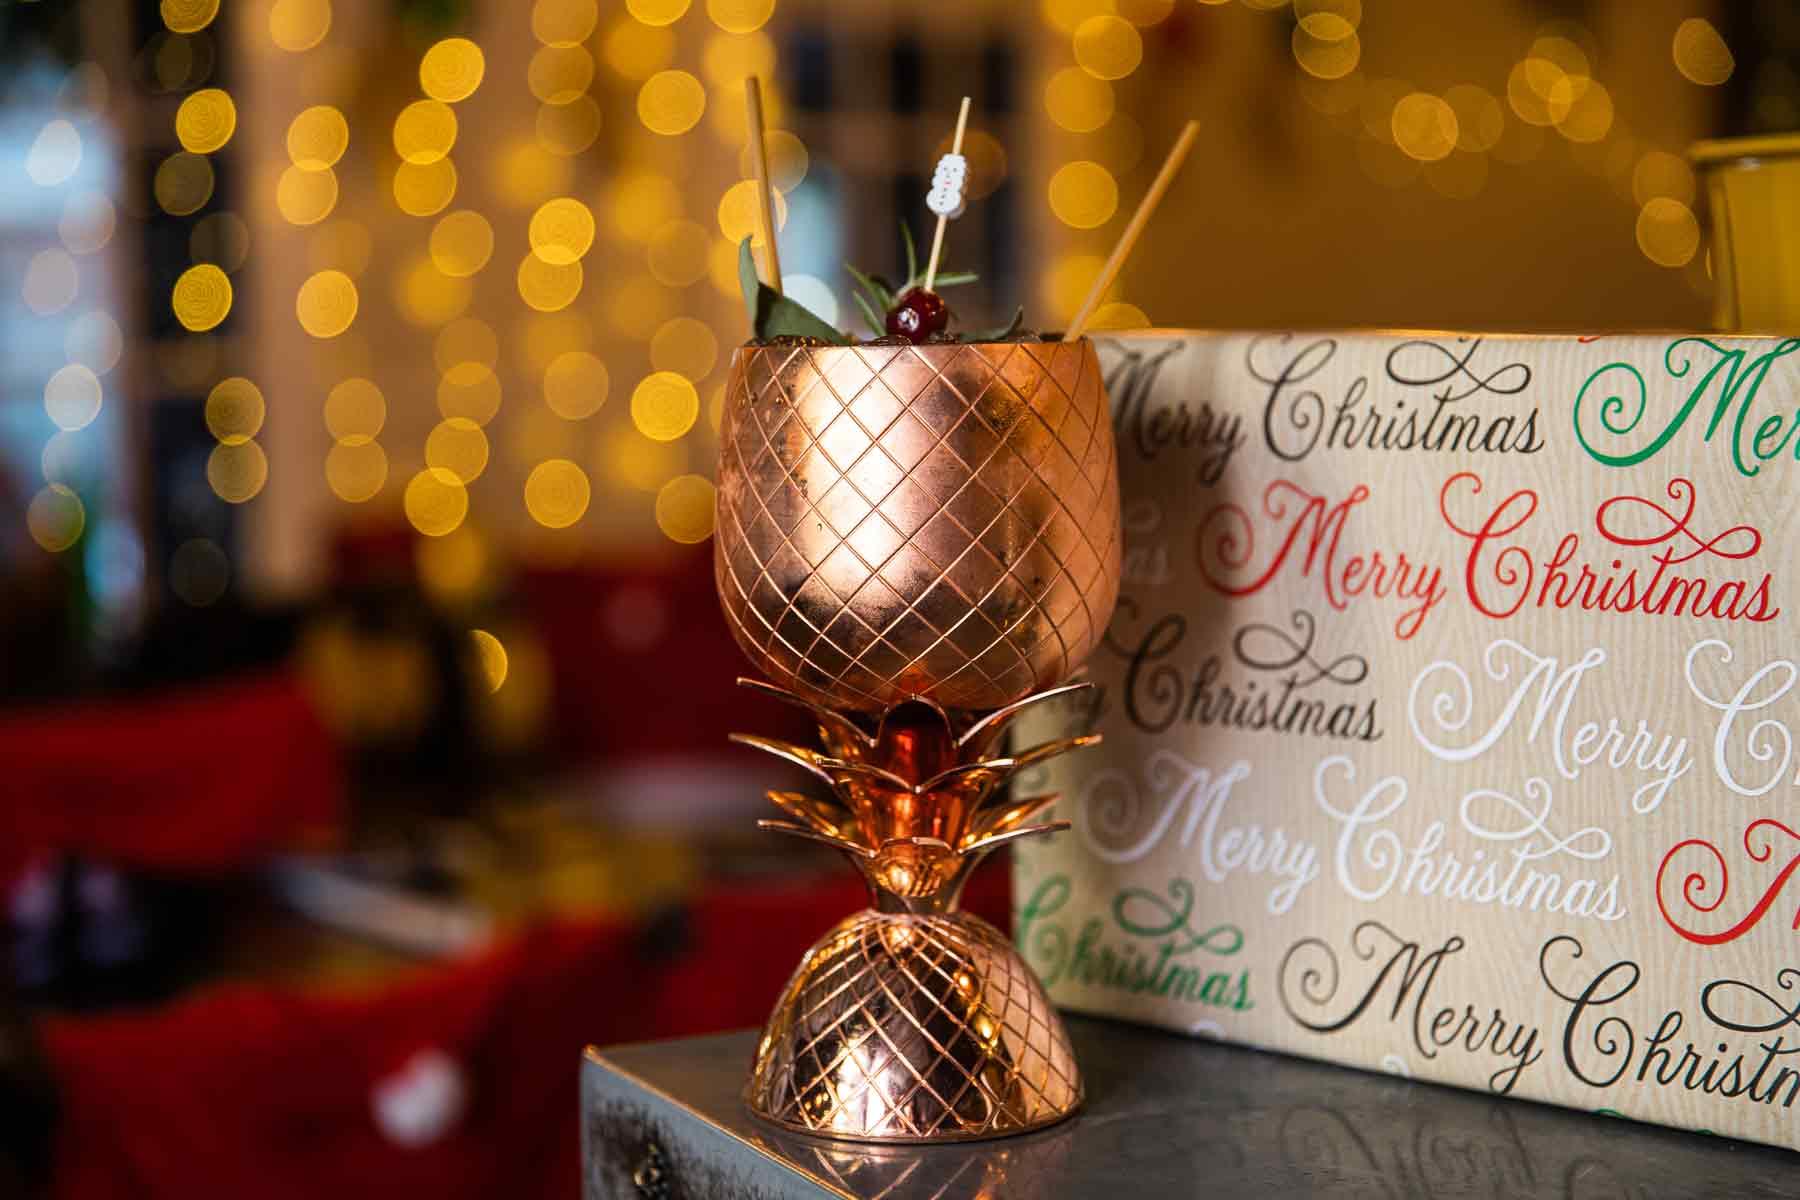 Best restaurants for Christmas